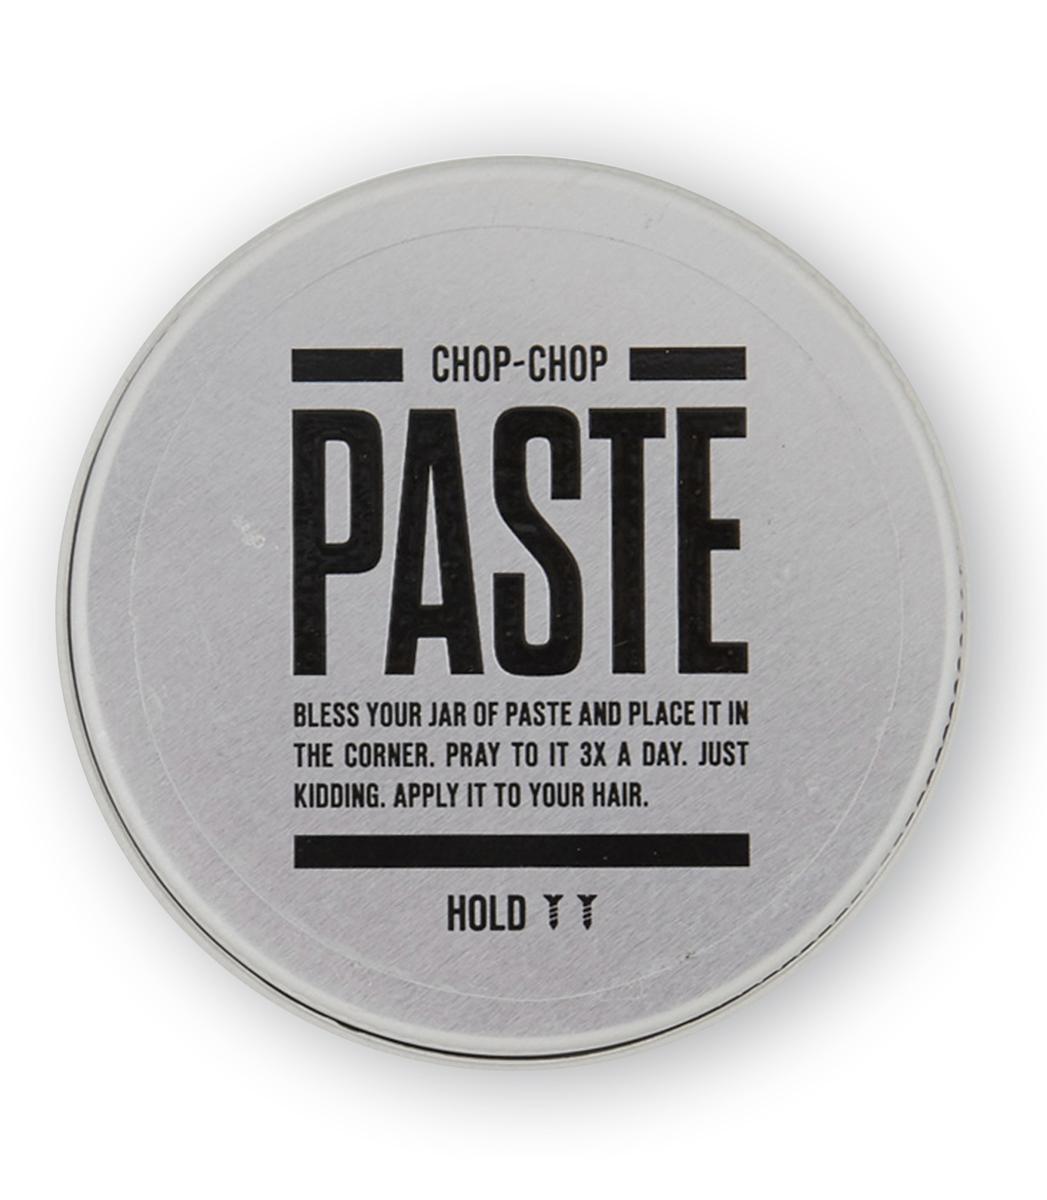 Chop-Chop Паста для волос, 50 млMP59.4DФирменное матовое средство для укладки волос с тонким ароматом грейпфрута. Мягкая и деликатная, но в то же время уверенная фиксация. Подходит как для коротких, так и для длинных волос.Активные ингредиентыЗа четкость формы укладки здесь отвечает пчелиный воск. Процентное содержание более 10%. Карнаубский воск из листьев пальмового «дерева жизни» Бразилии обеспечивает стойкость пасты в течение всего дня, средство не размазывается и растекается даже в самую жаркую погоду.